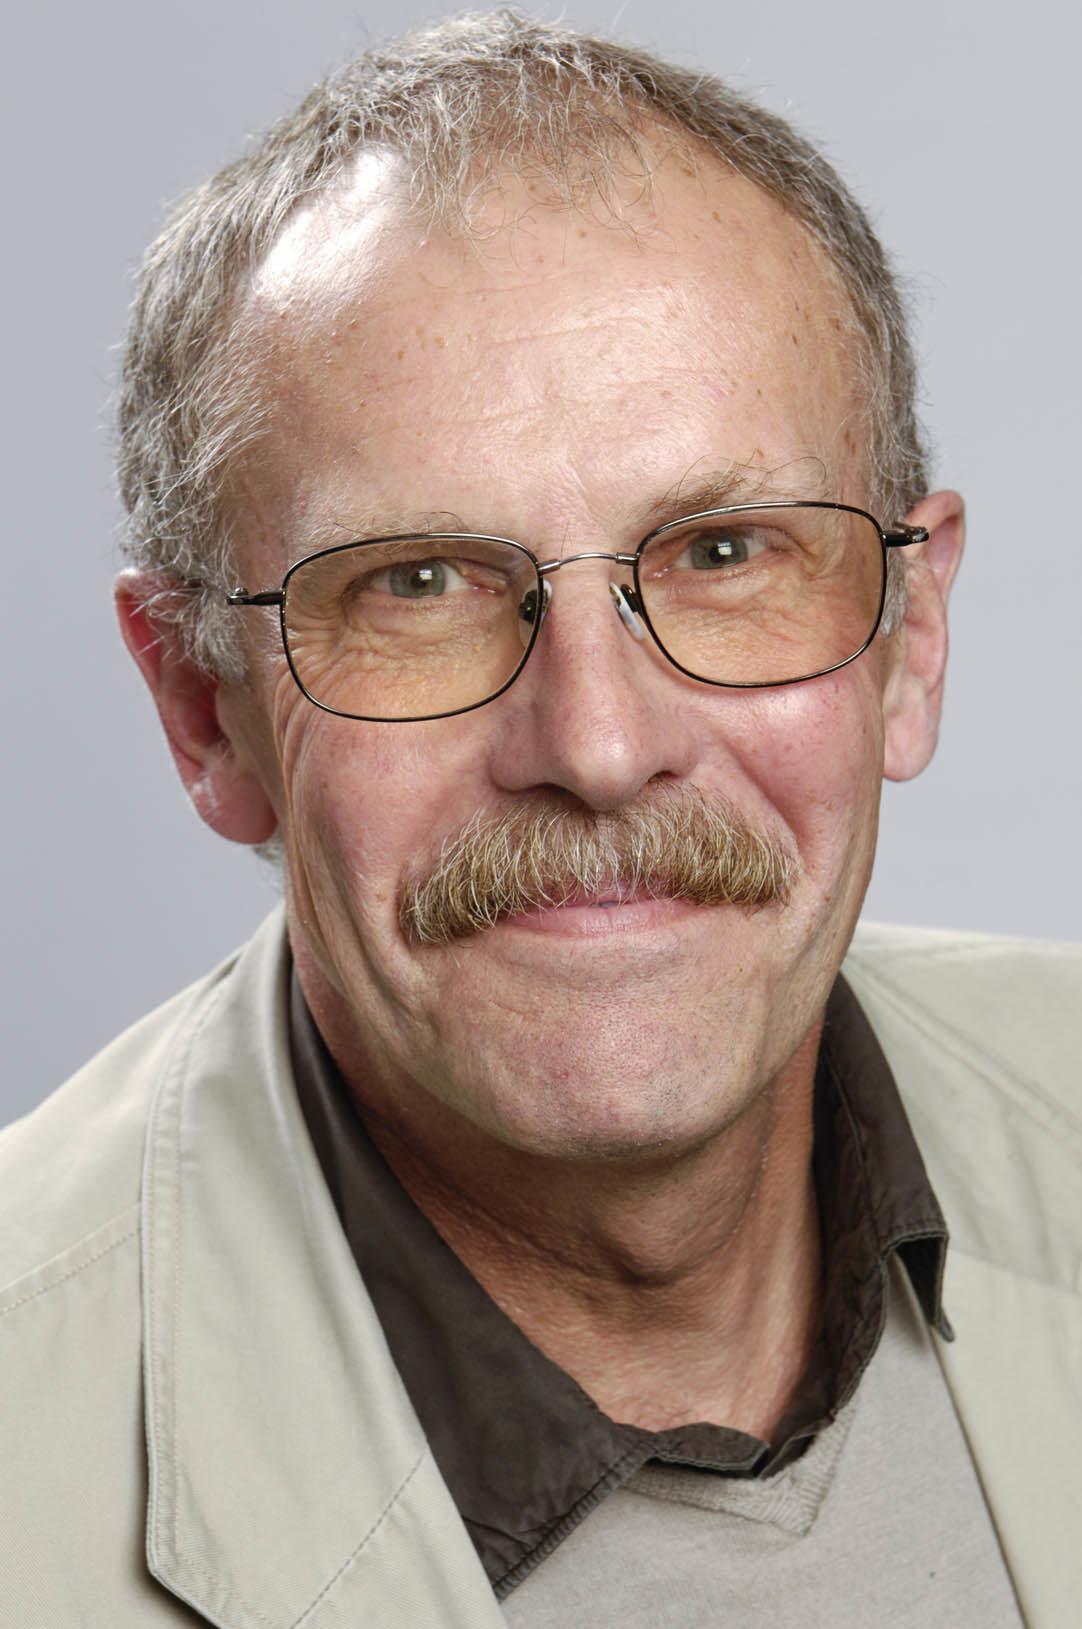 Alan Beazley